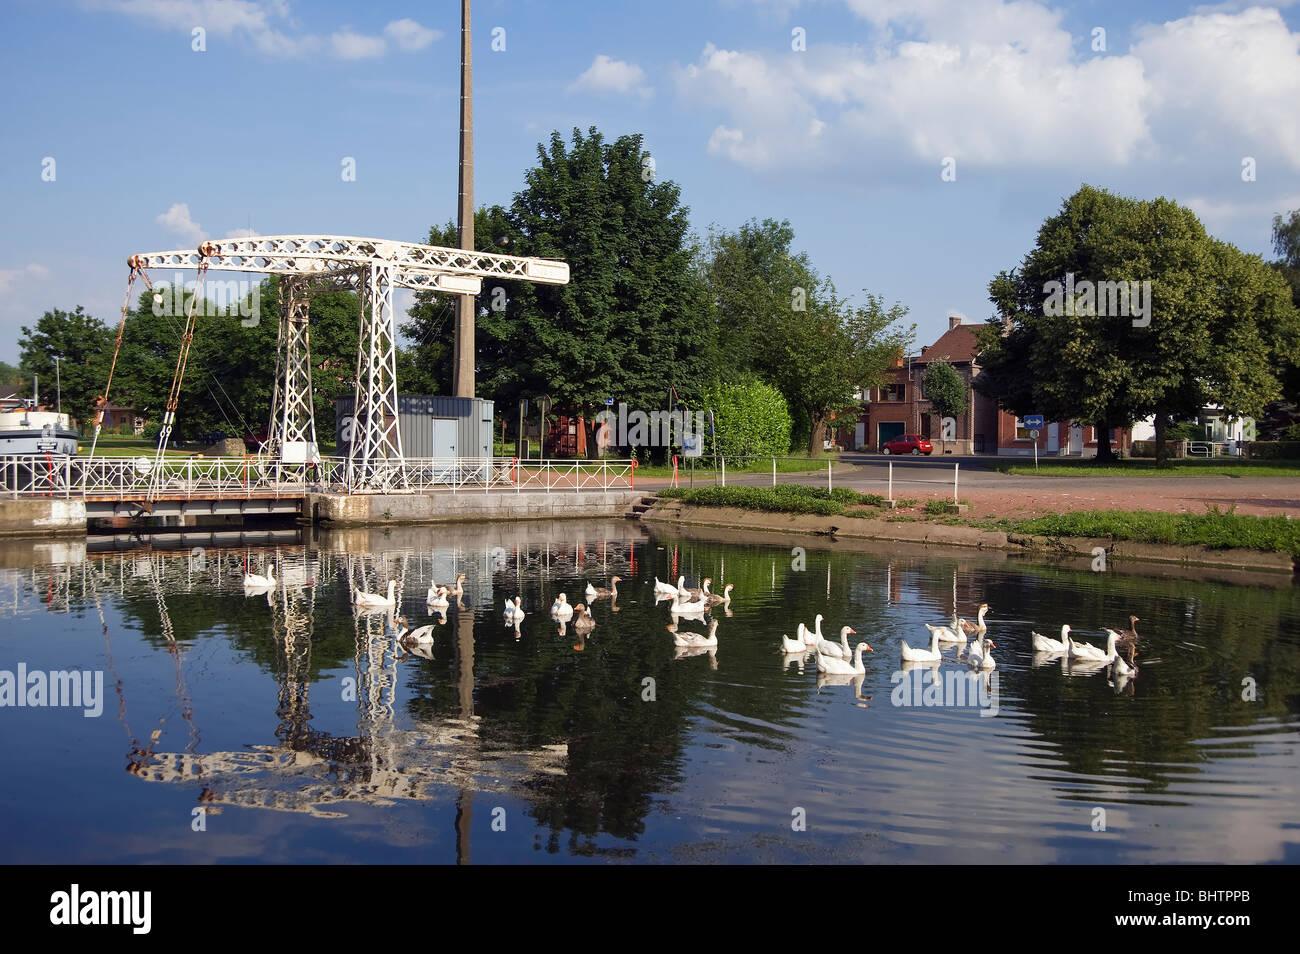 Canal du Centre, Bascule bridge, Hainaut Province, Belgium - Stock Image